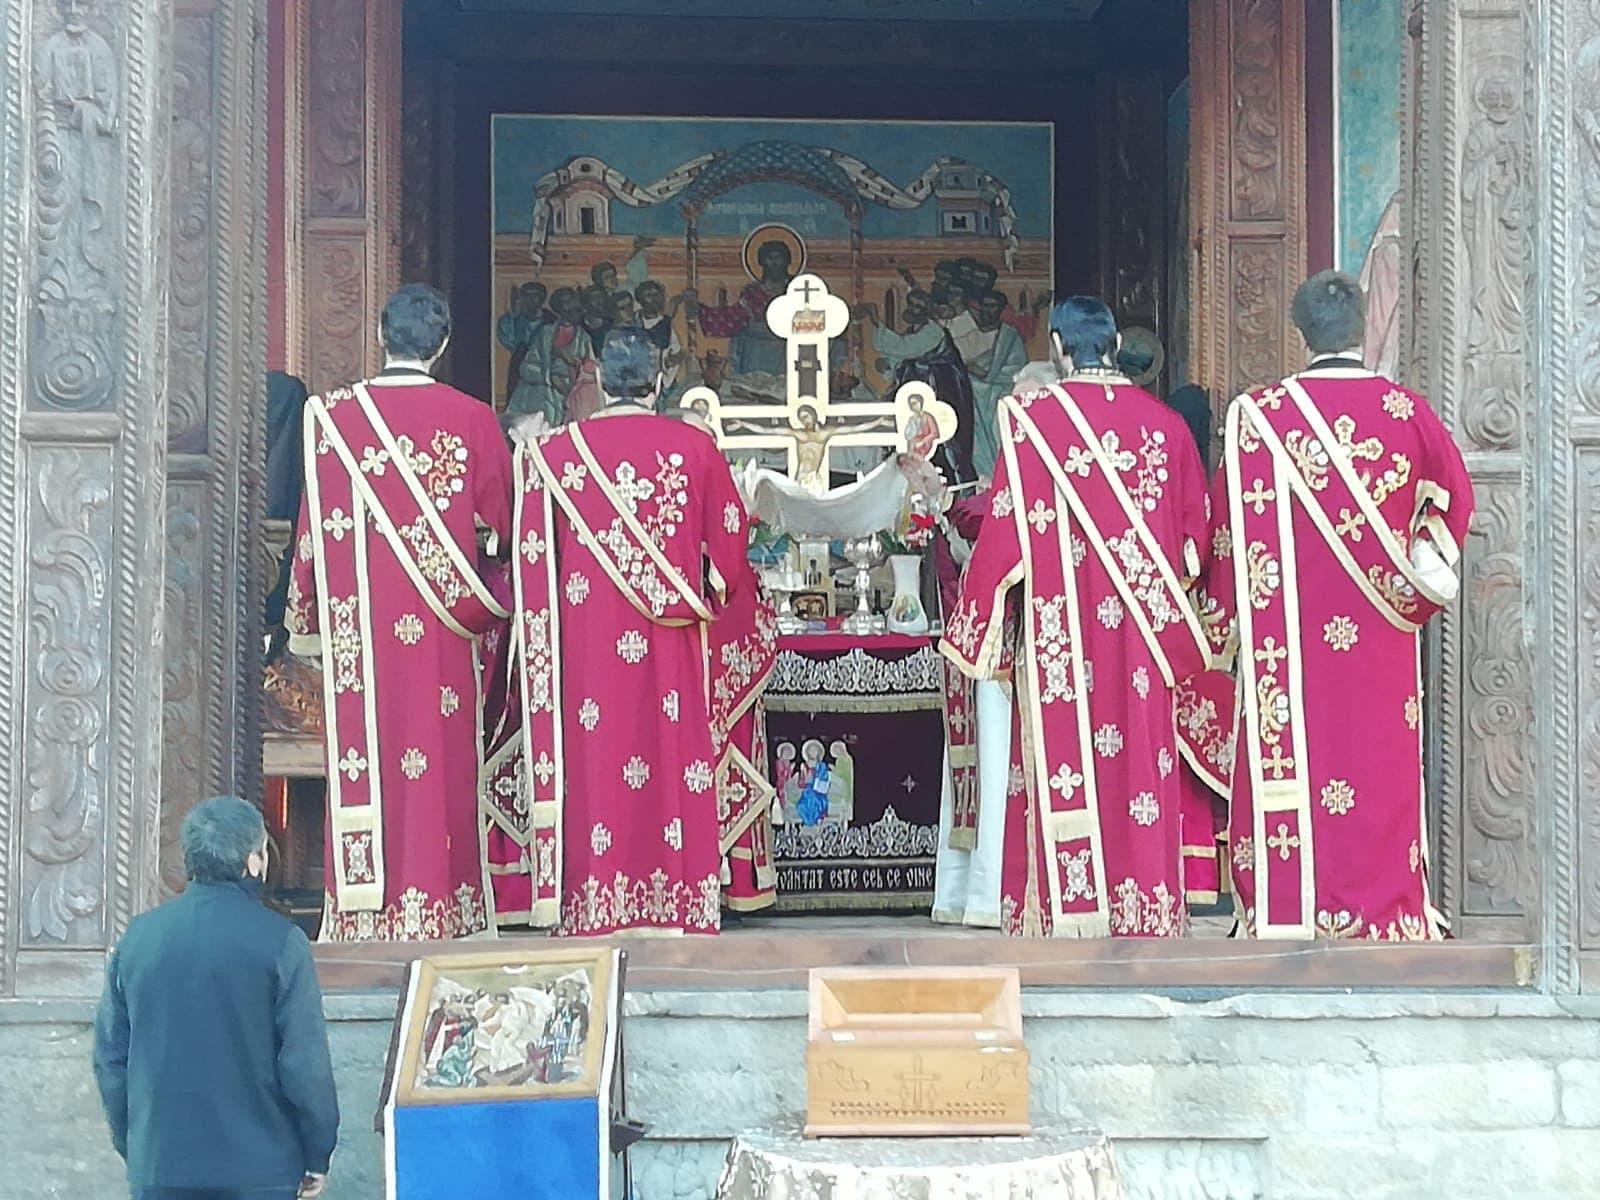 Slujbă la Mănăstirea Rohia, în A patra Dumincă din Postul Paștelui